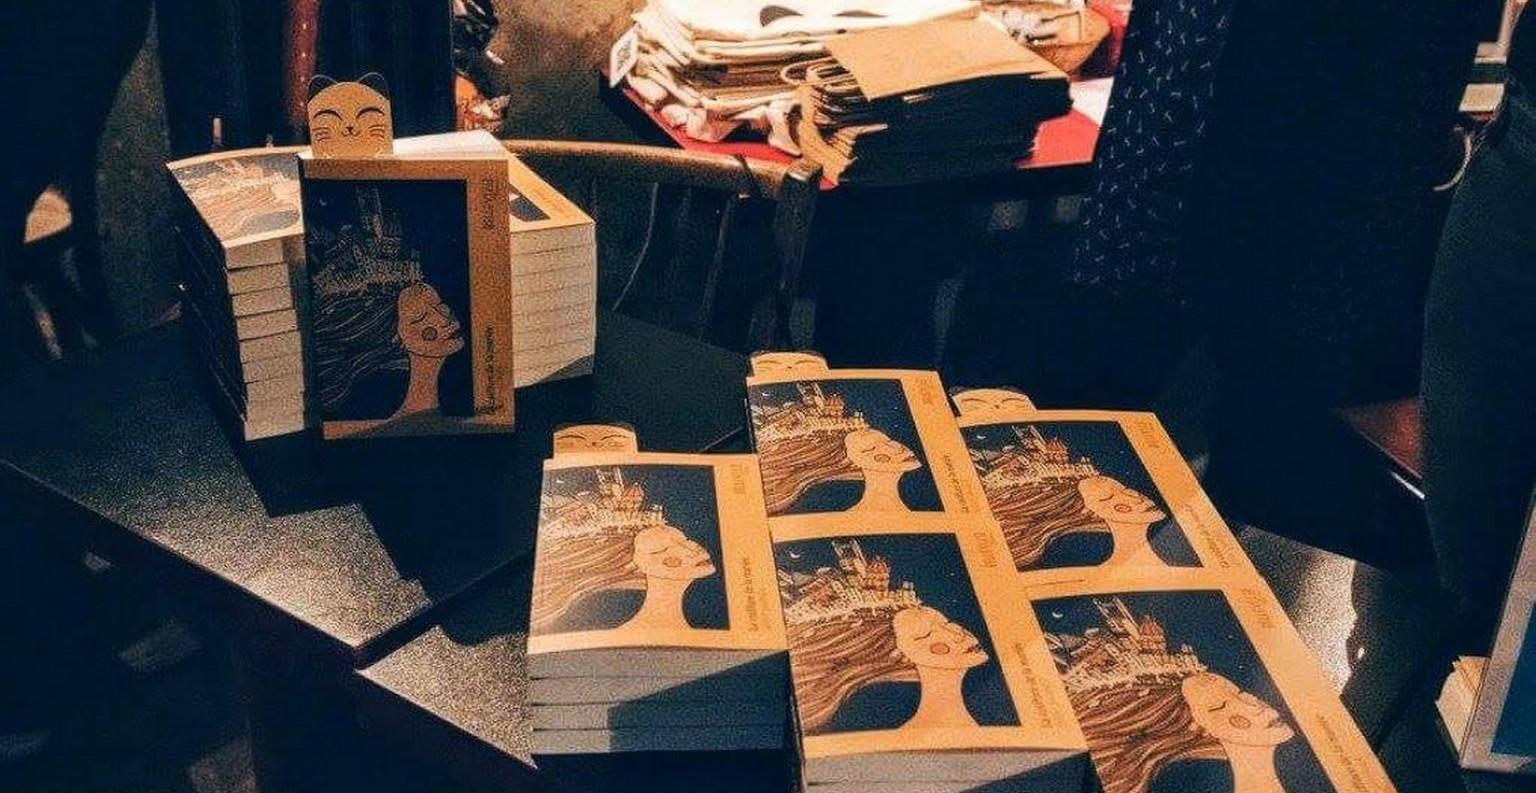 La Coiffure de la Mariée leur premier livre a été vendu à 300 exemplaires. ©DR